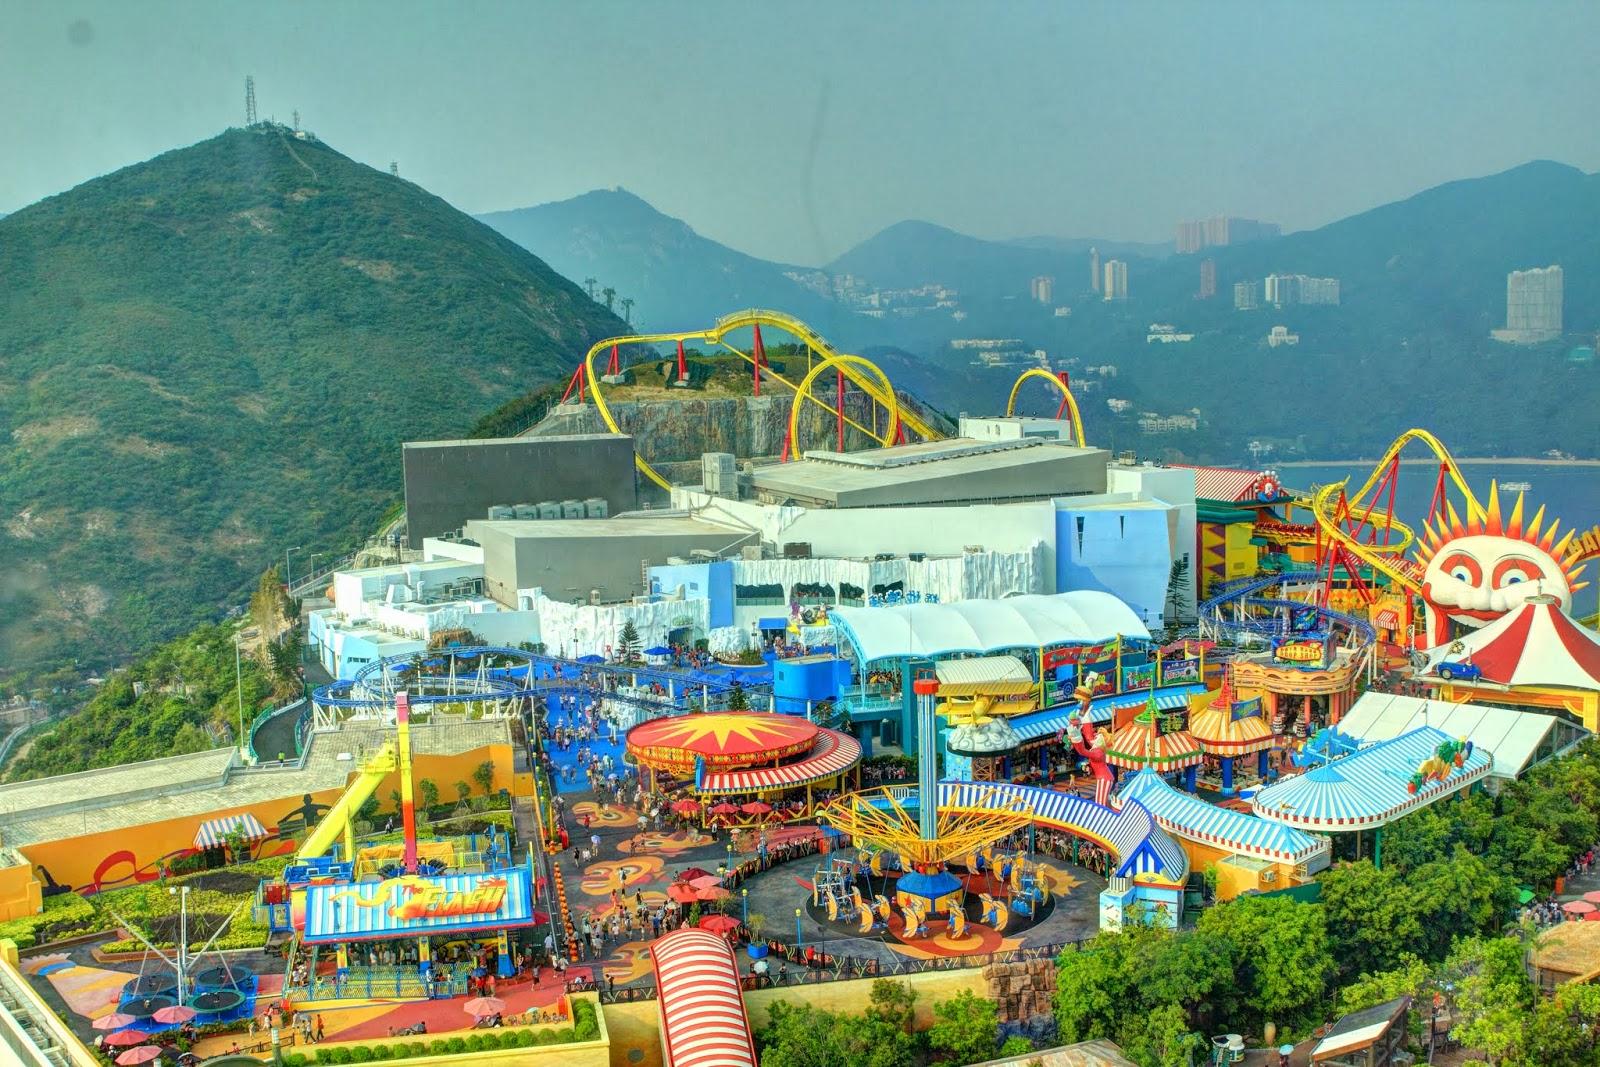 پارک اوشن هنگ کنگ